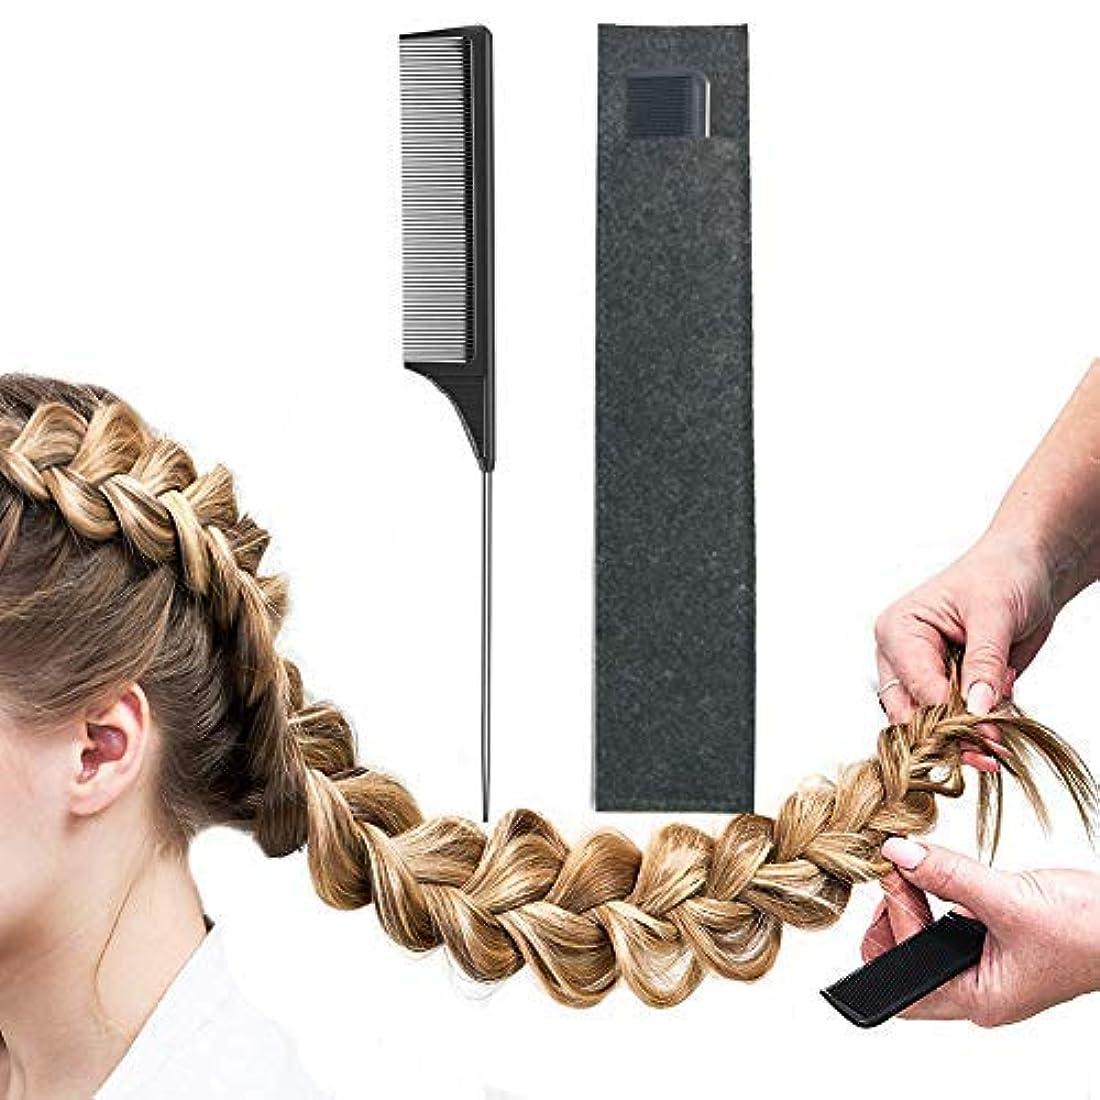 請求課税リストPintail Comb Carbon Fiber And Heat Resistant Teasing HairTail Combs Metal With Non-skid Paddle For Hair Styling...